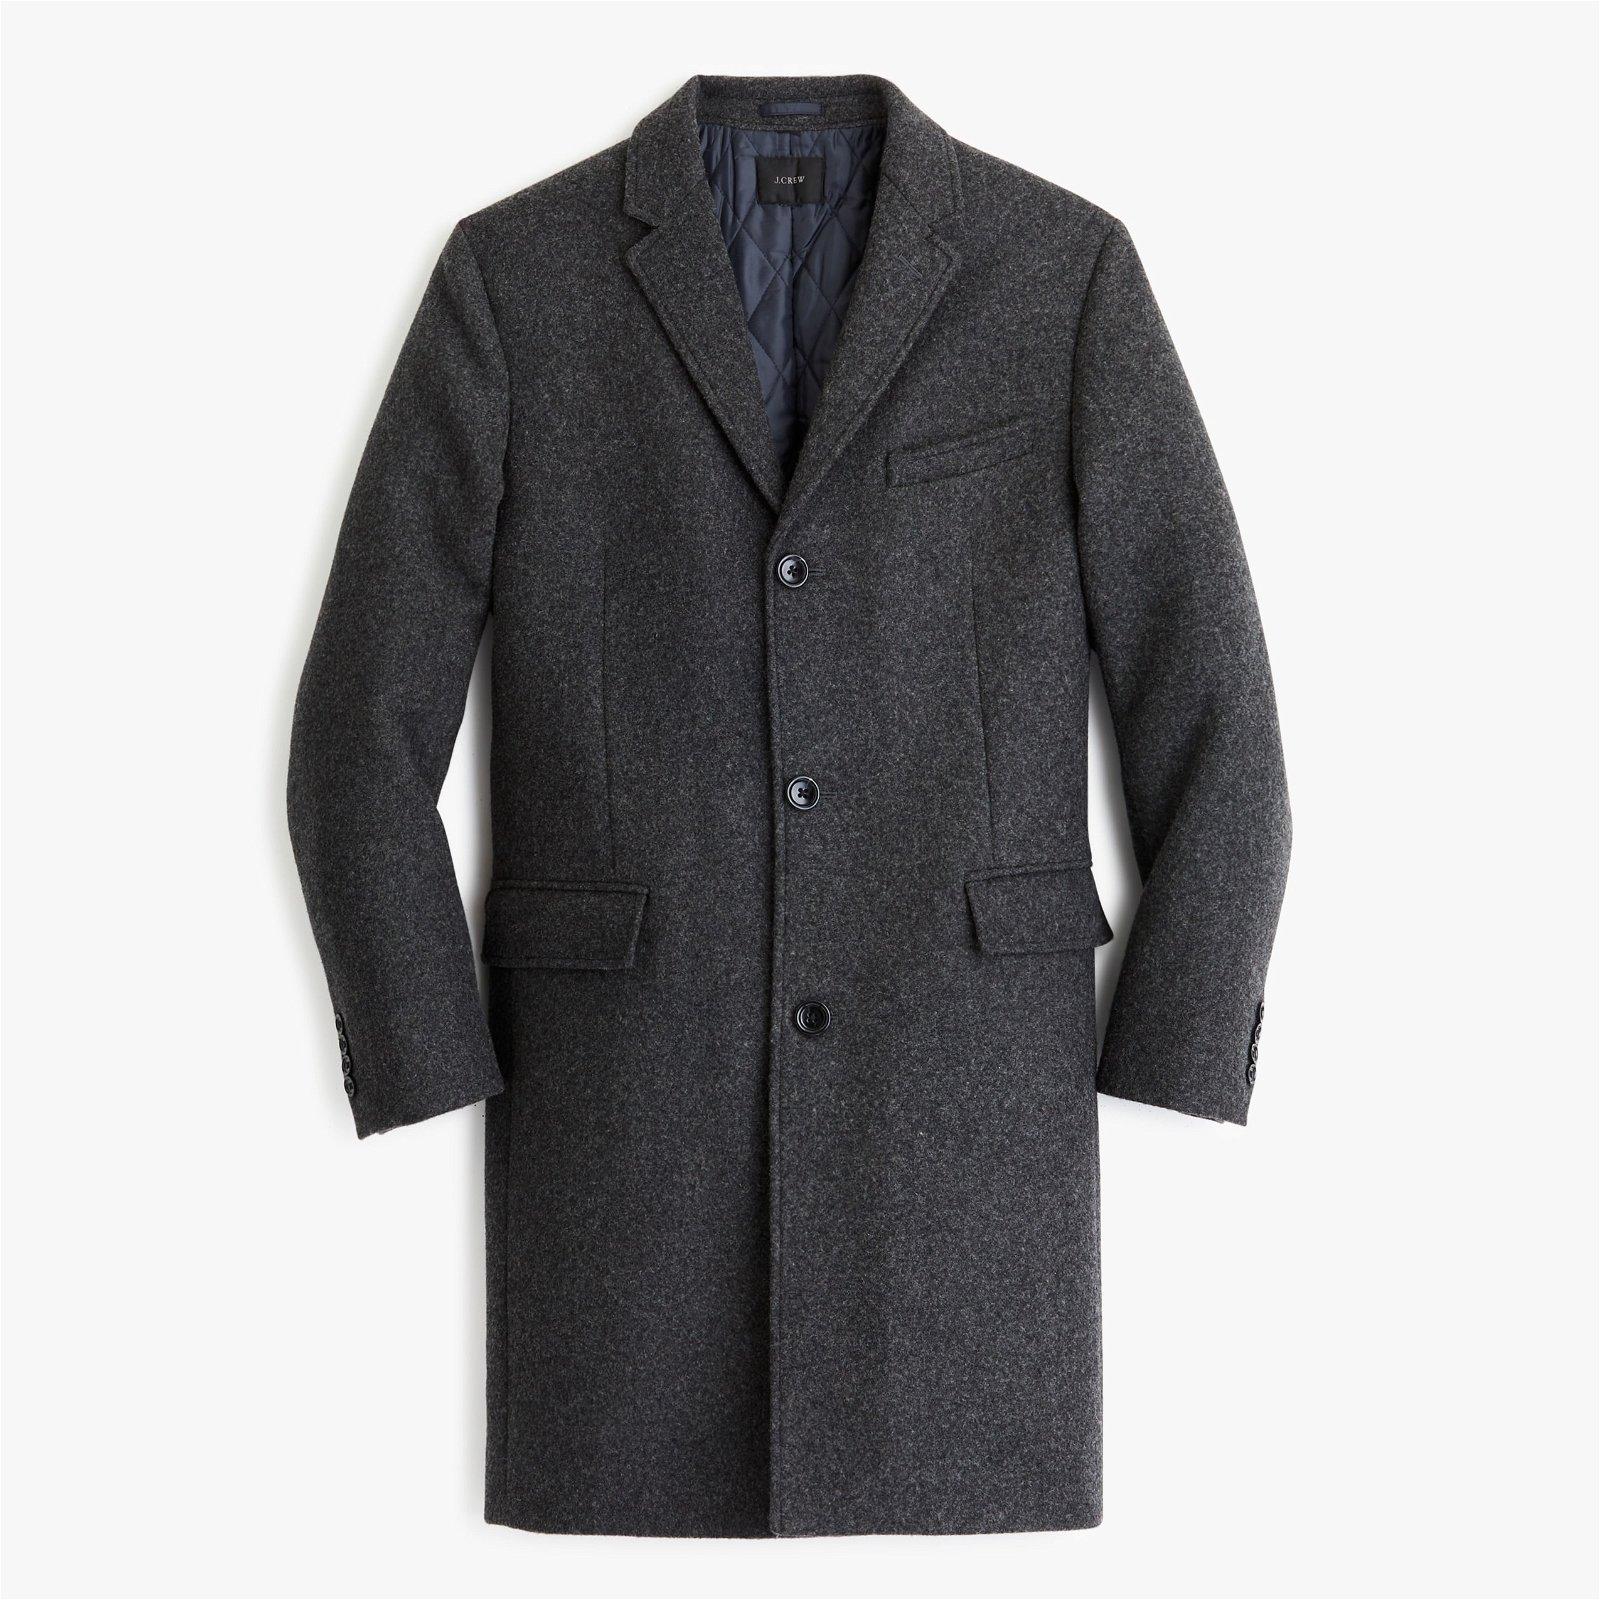 Everyday topcoat